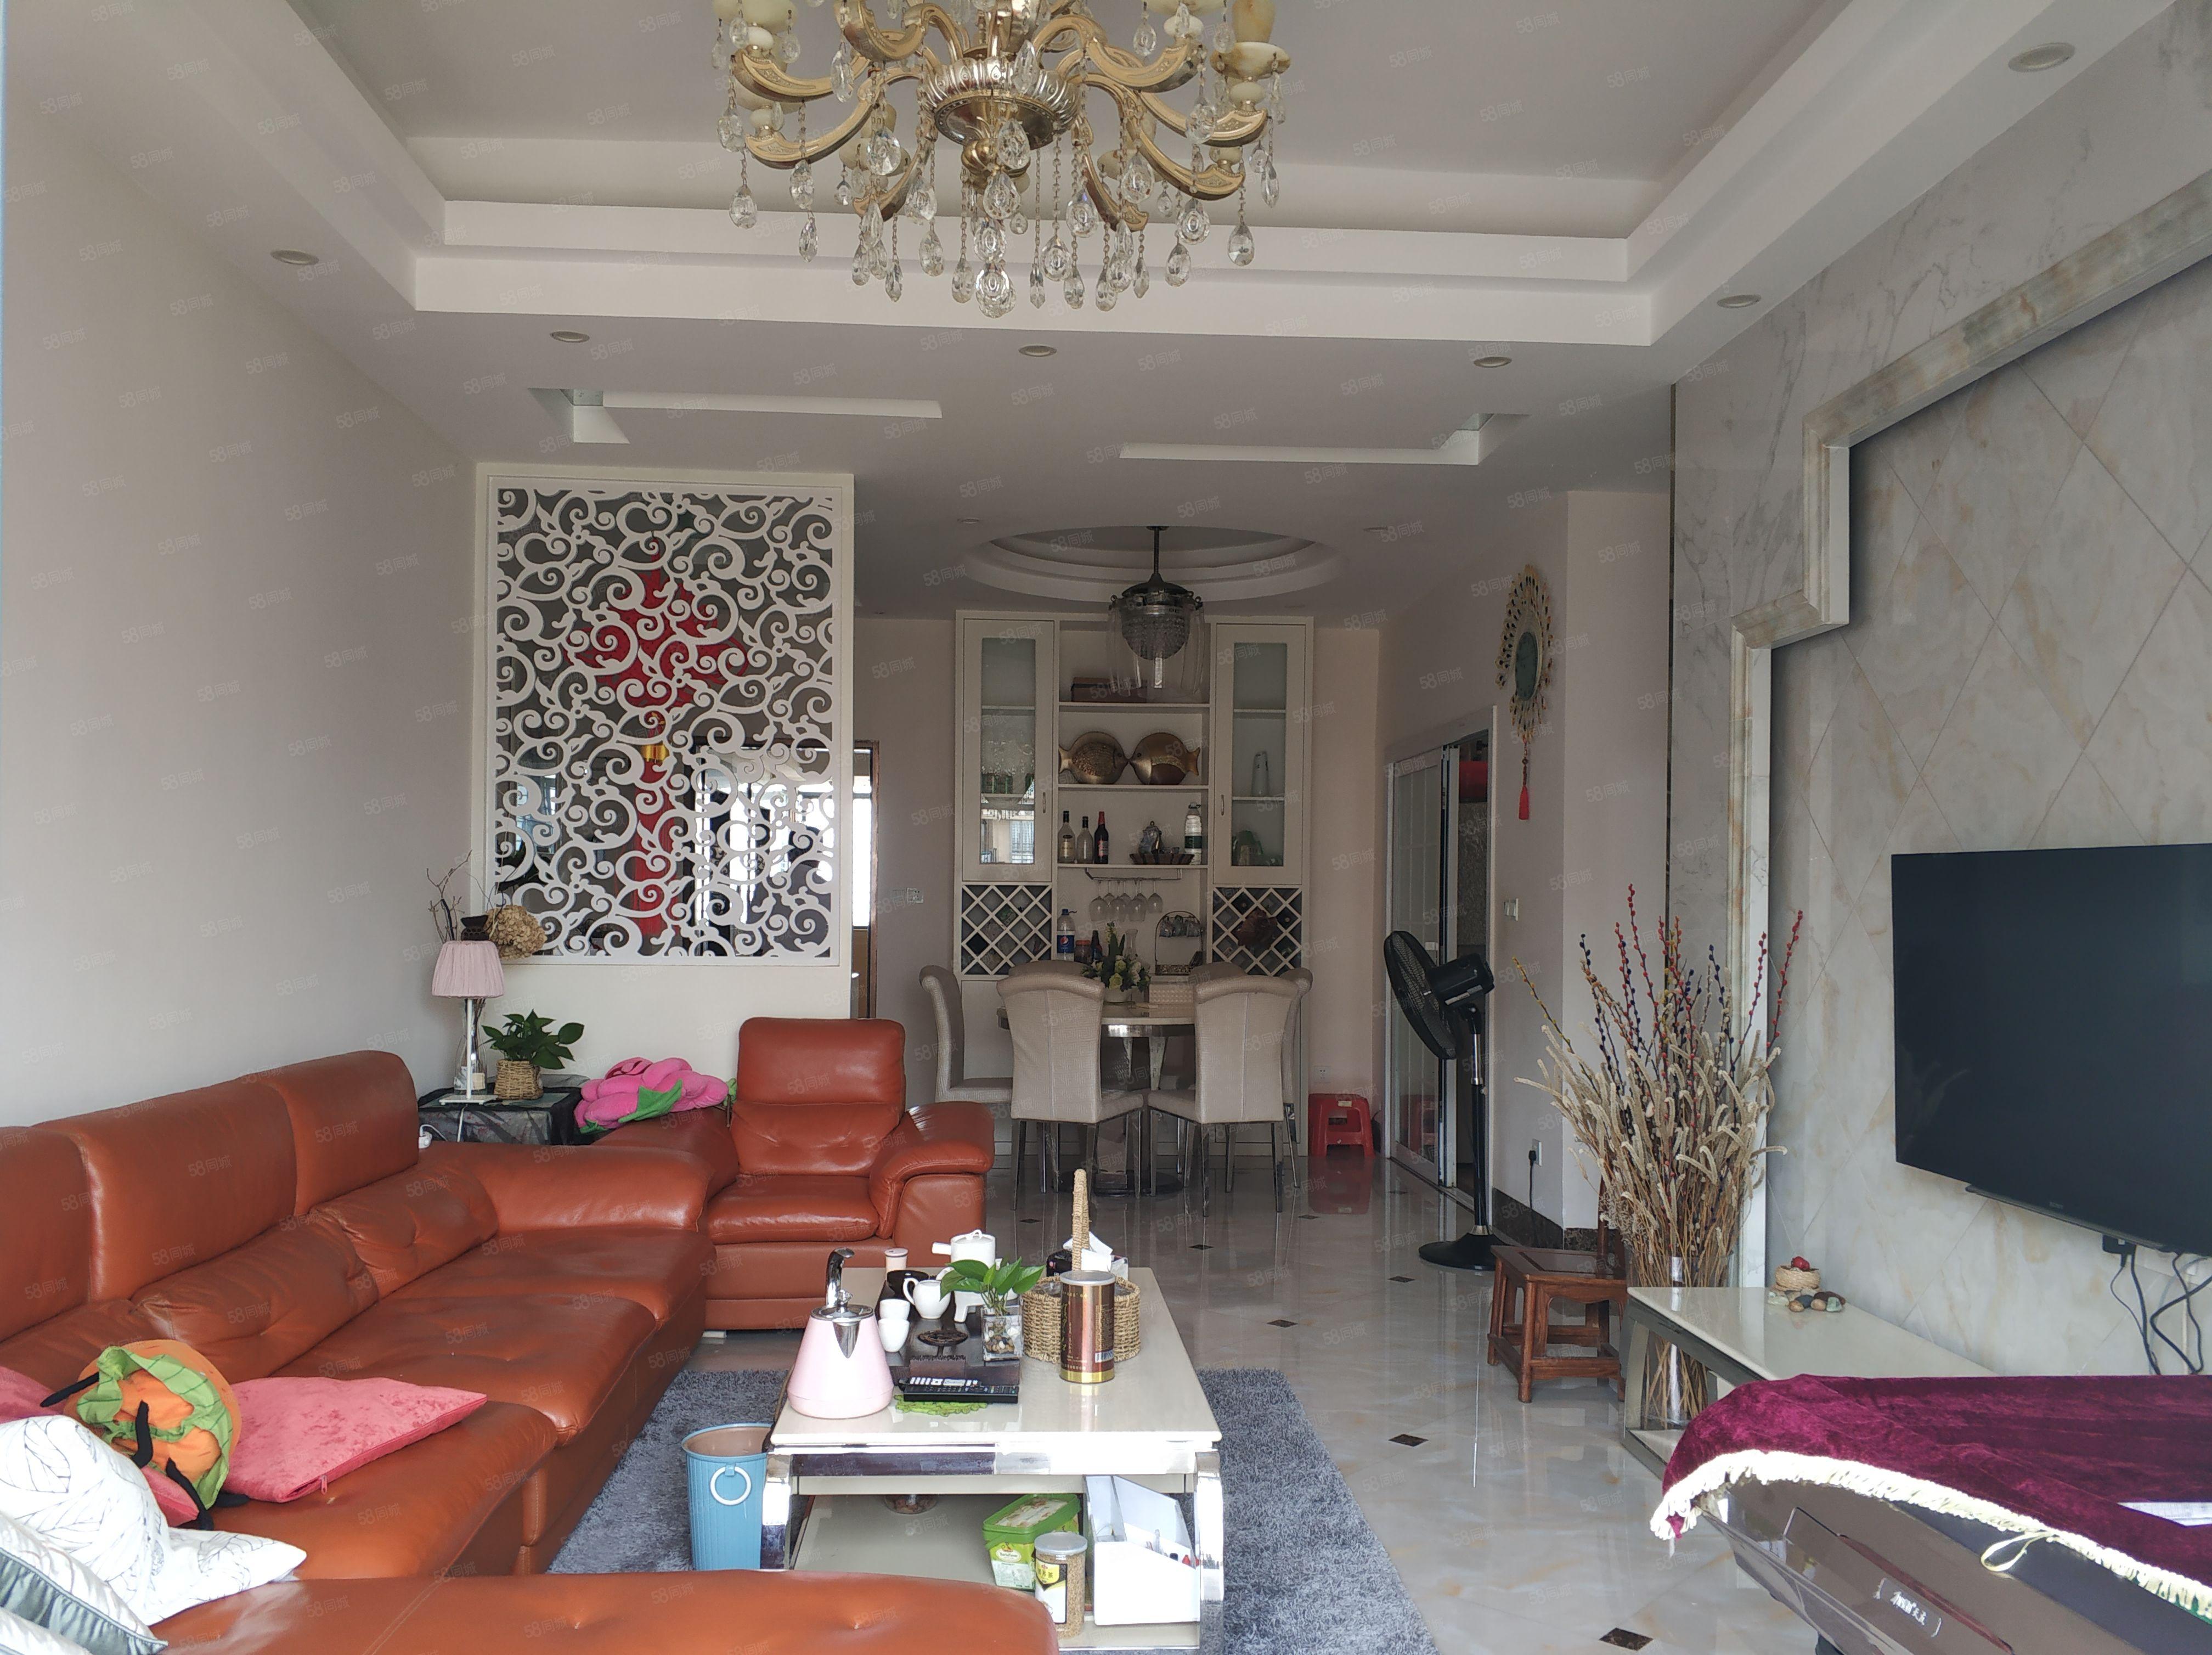 安泰华府豪装修3室2厅,120平方南北对流,现售价80万